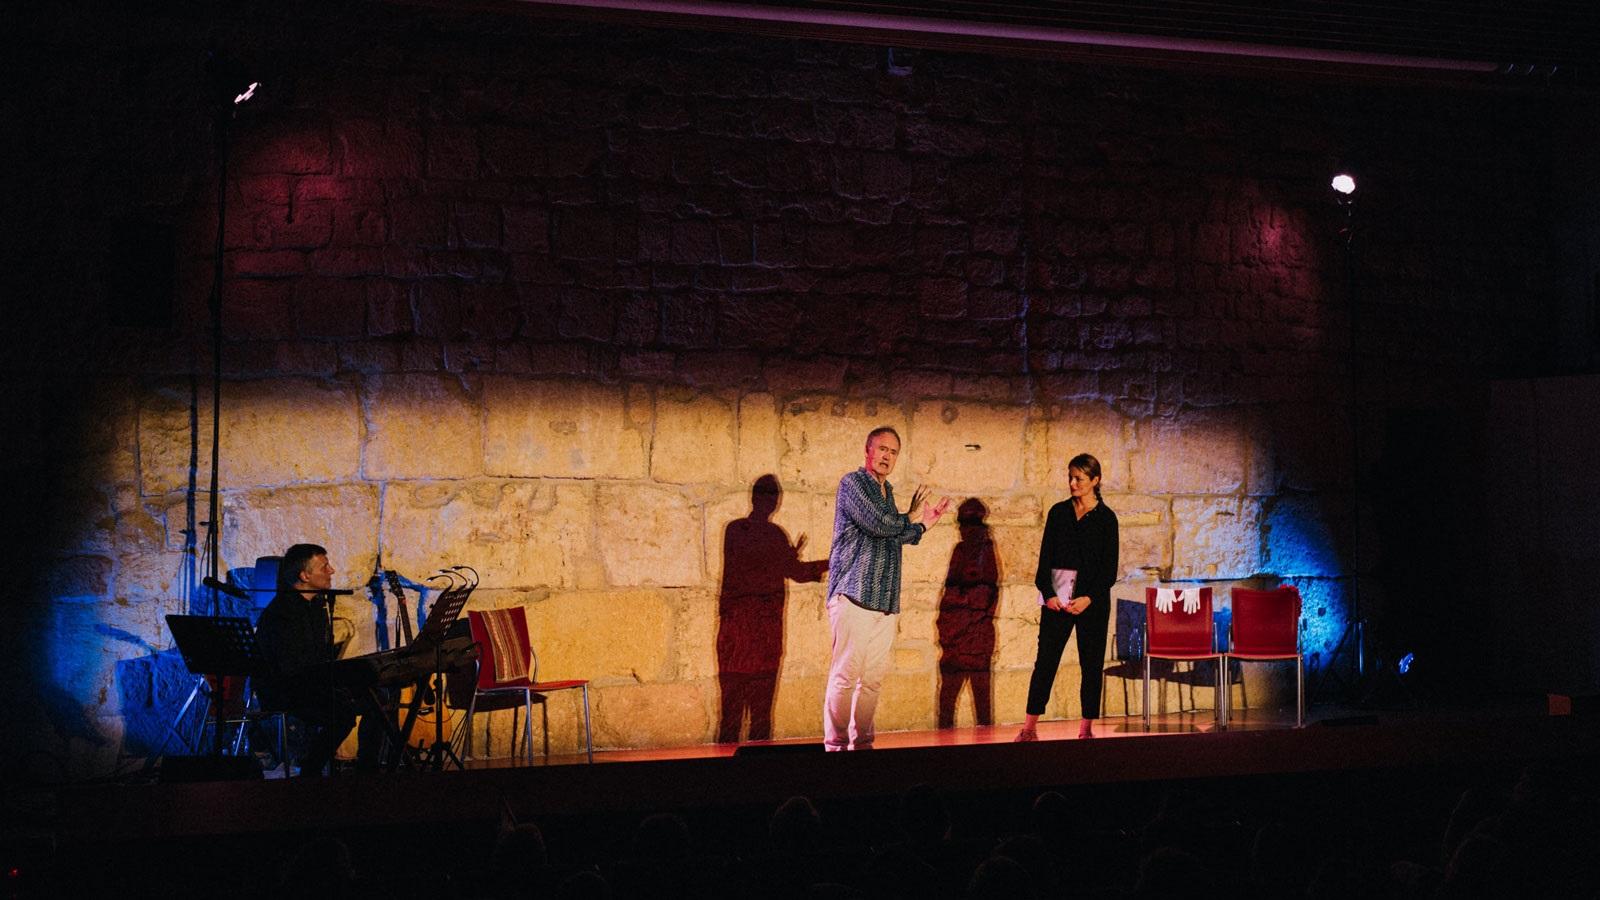 nigel planer teatre condal barcelona